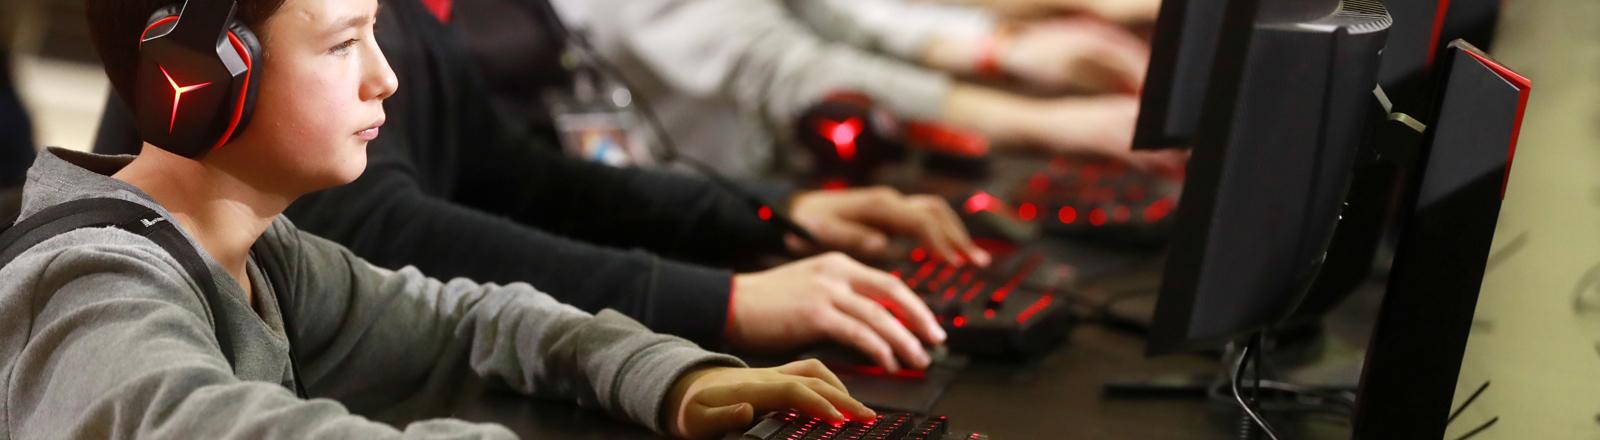 Teenager sitzen nebeneinander an Computern und spielen